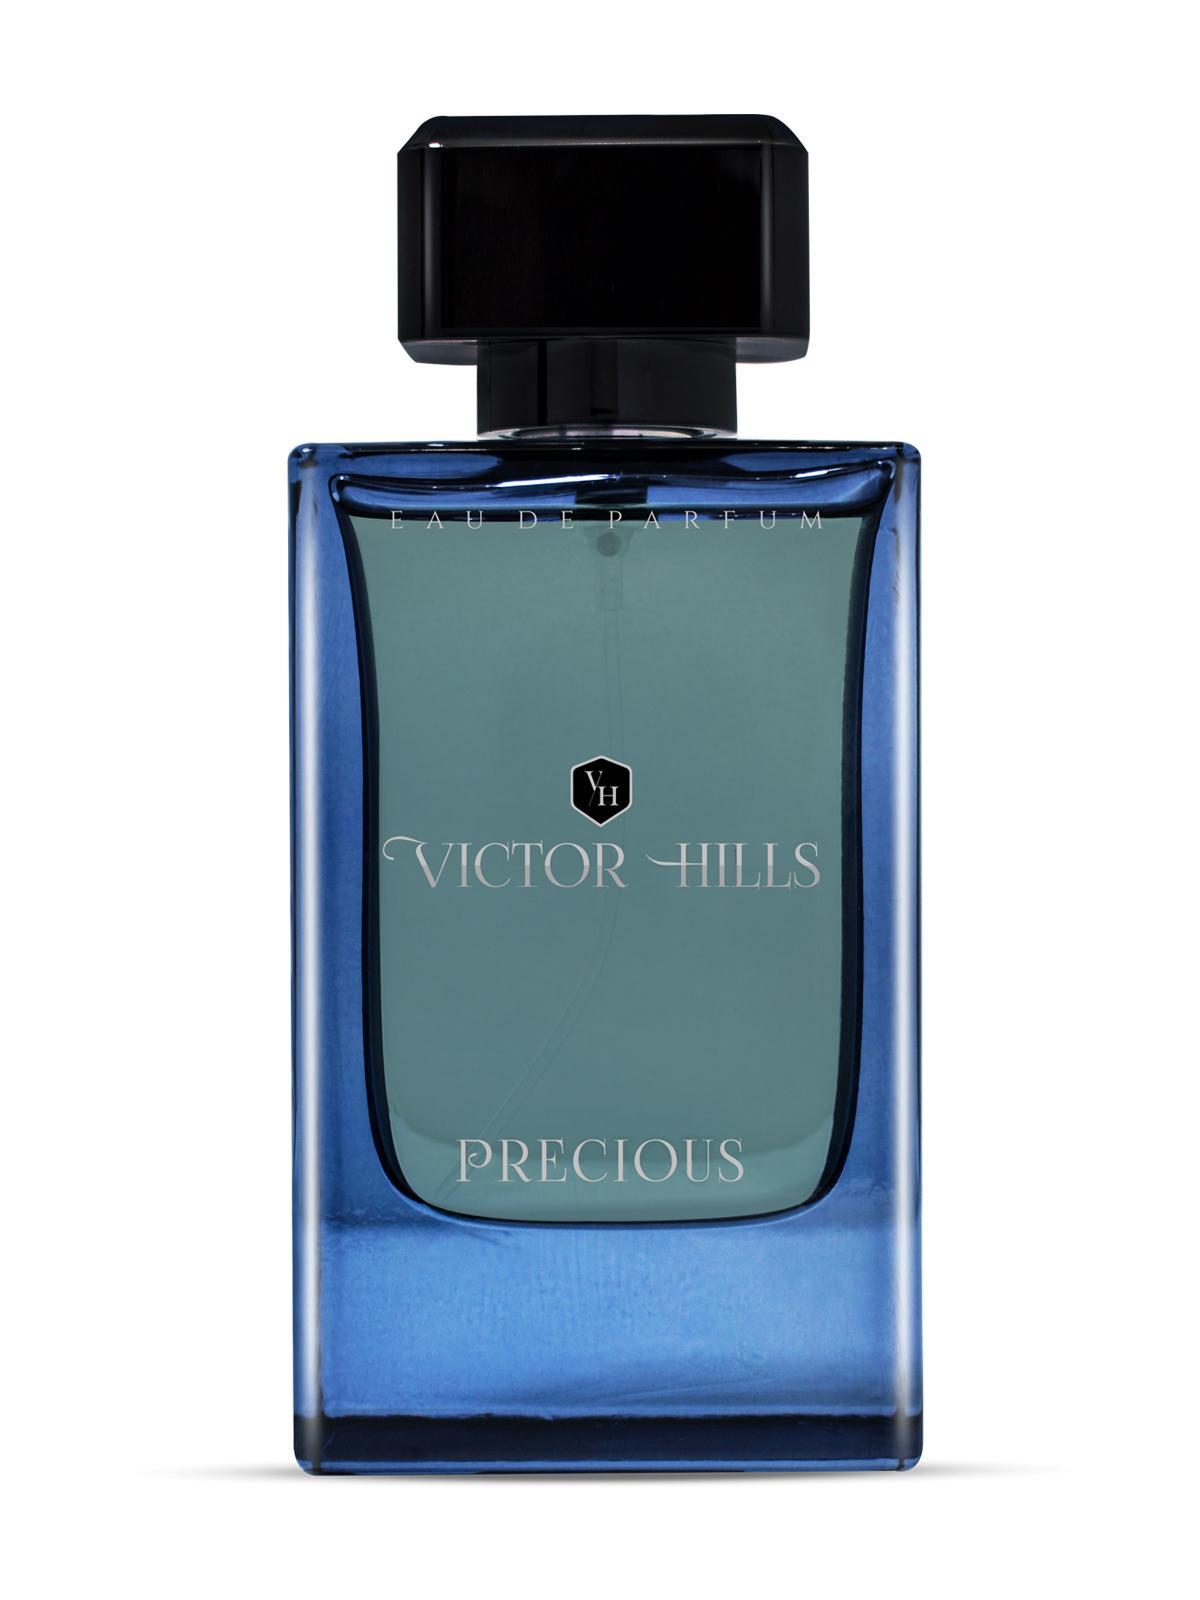 Victor Hills Precious For Unisex Eau De Parfum 100ML